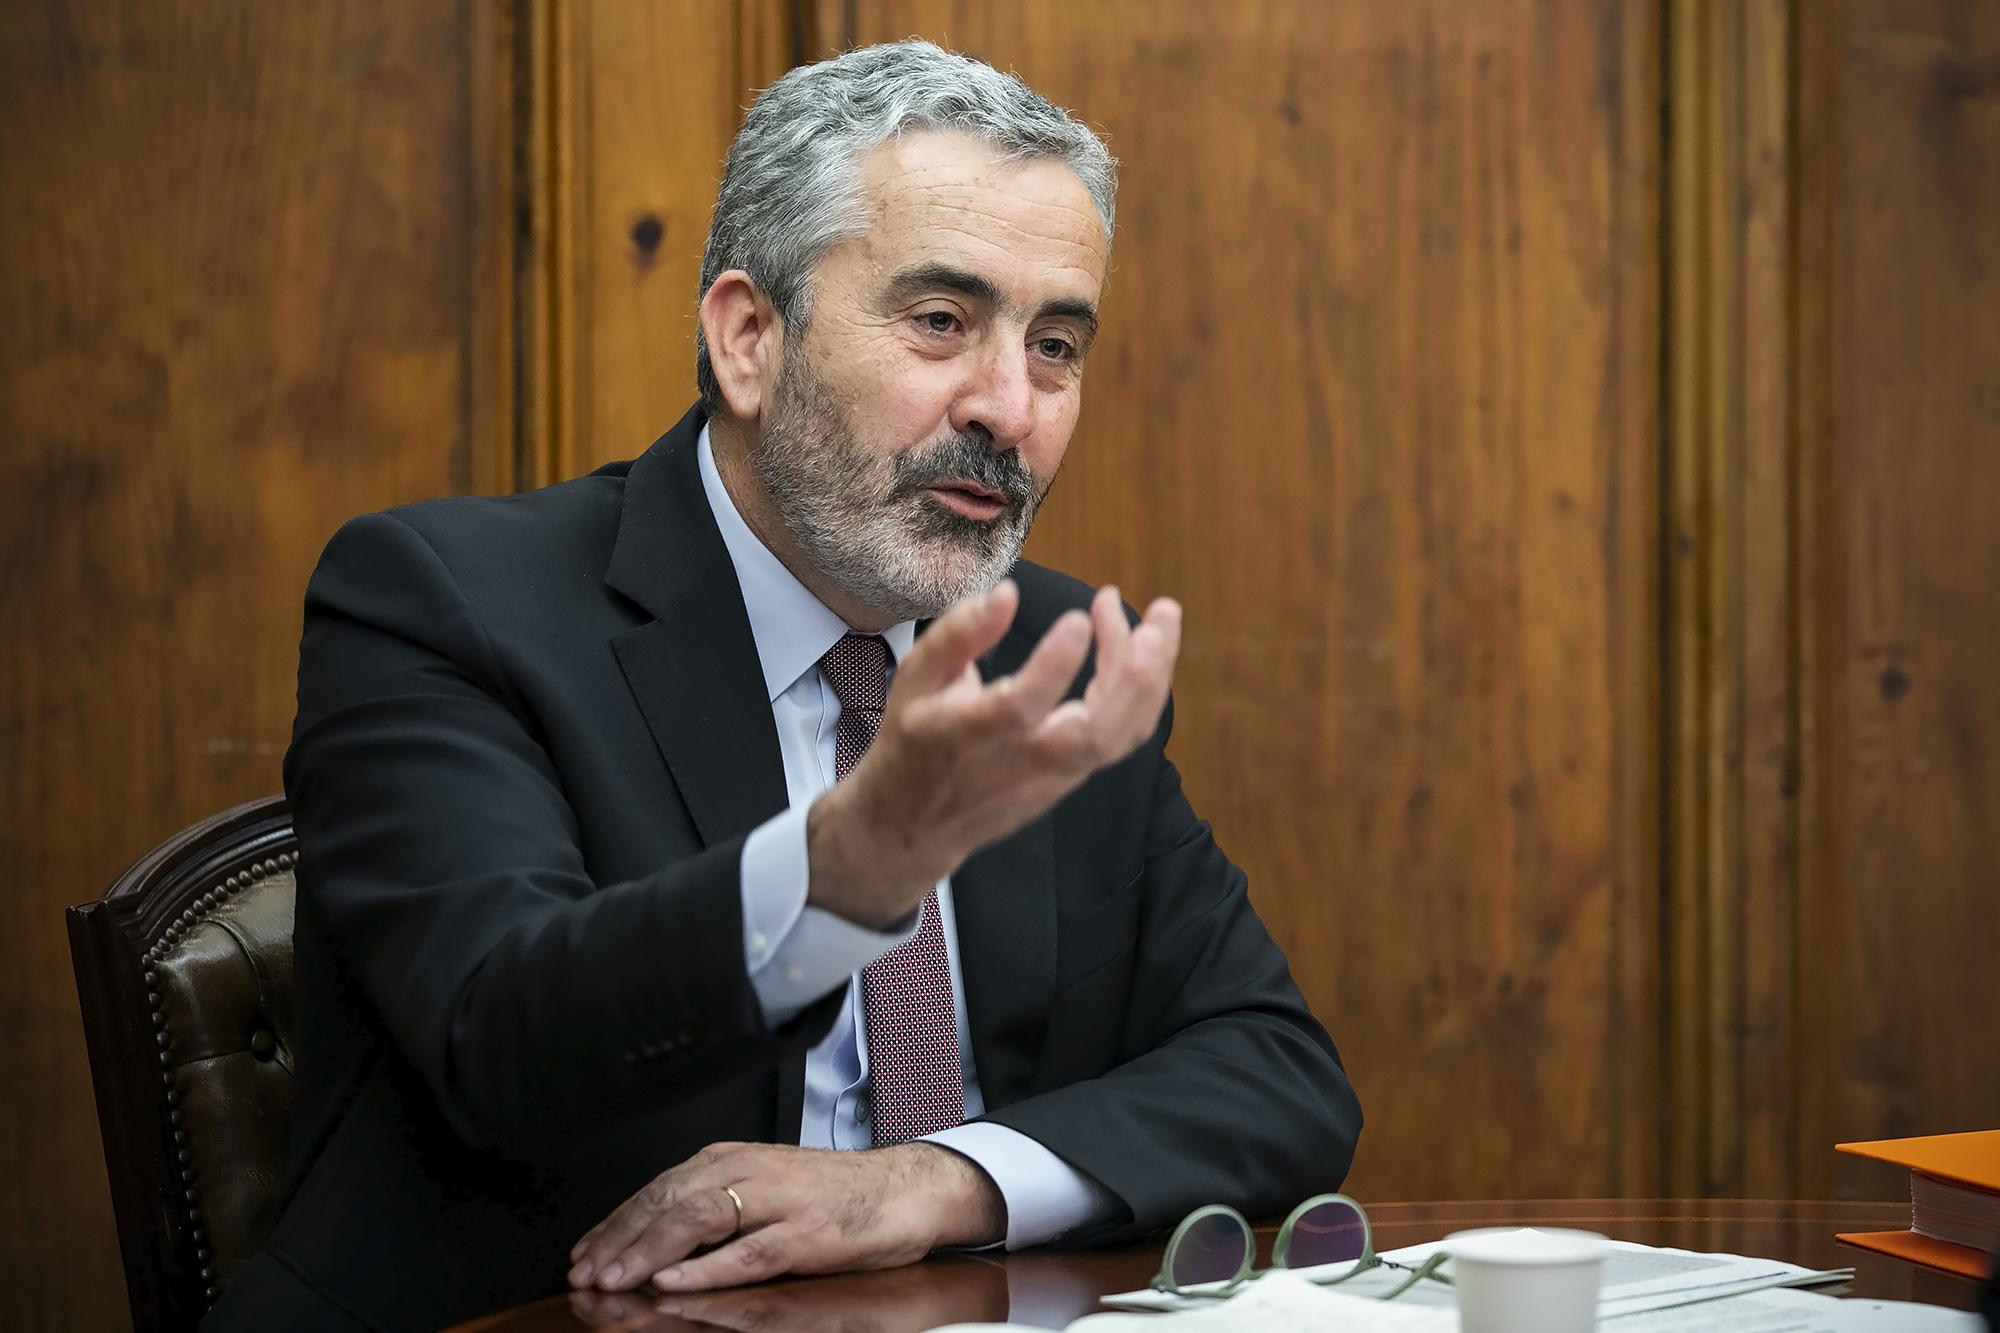 Afonso Oliveira, deputado do PSD, em entrevista ao ECO - 29JUN20